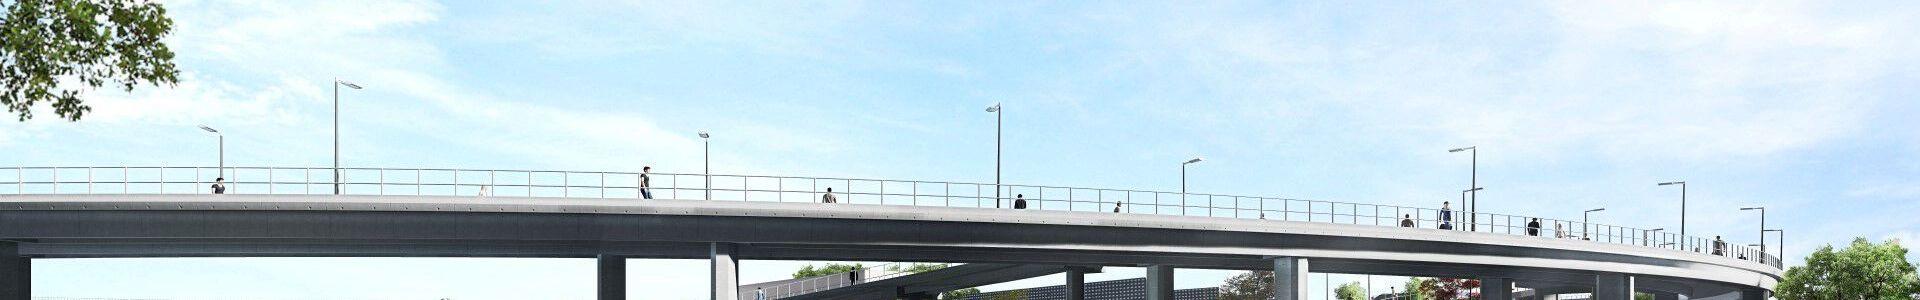 Zeytinburnu Metrobus Pedestrian Bridge